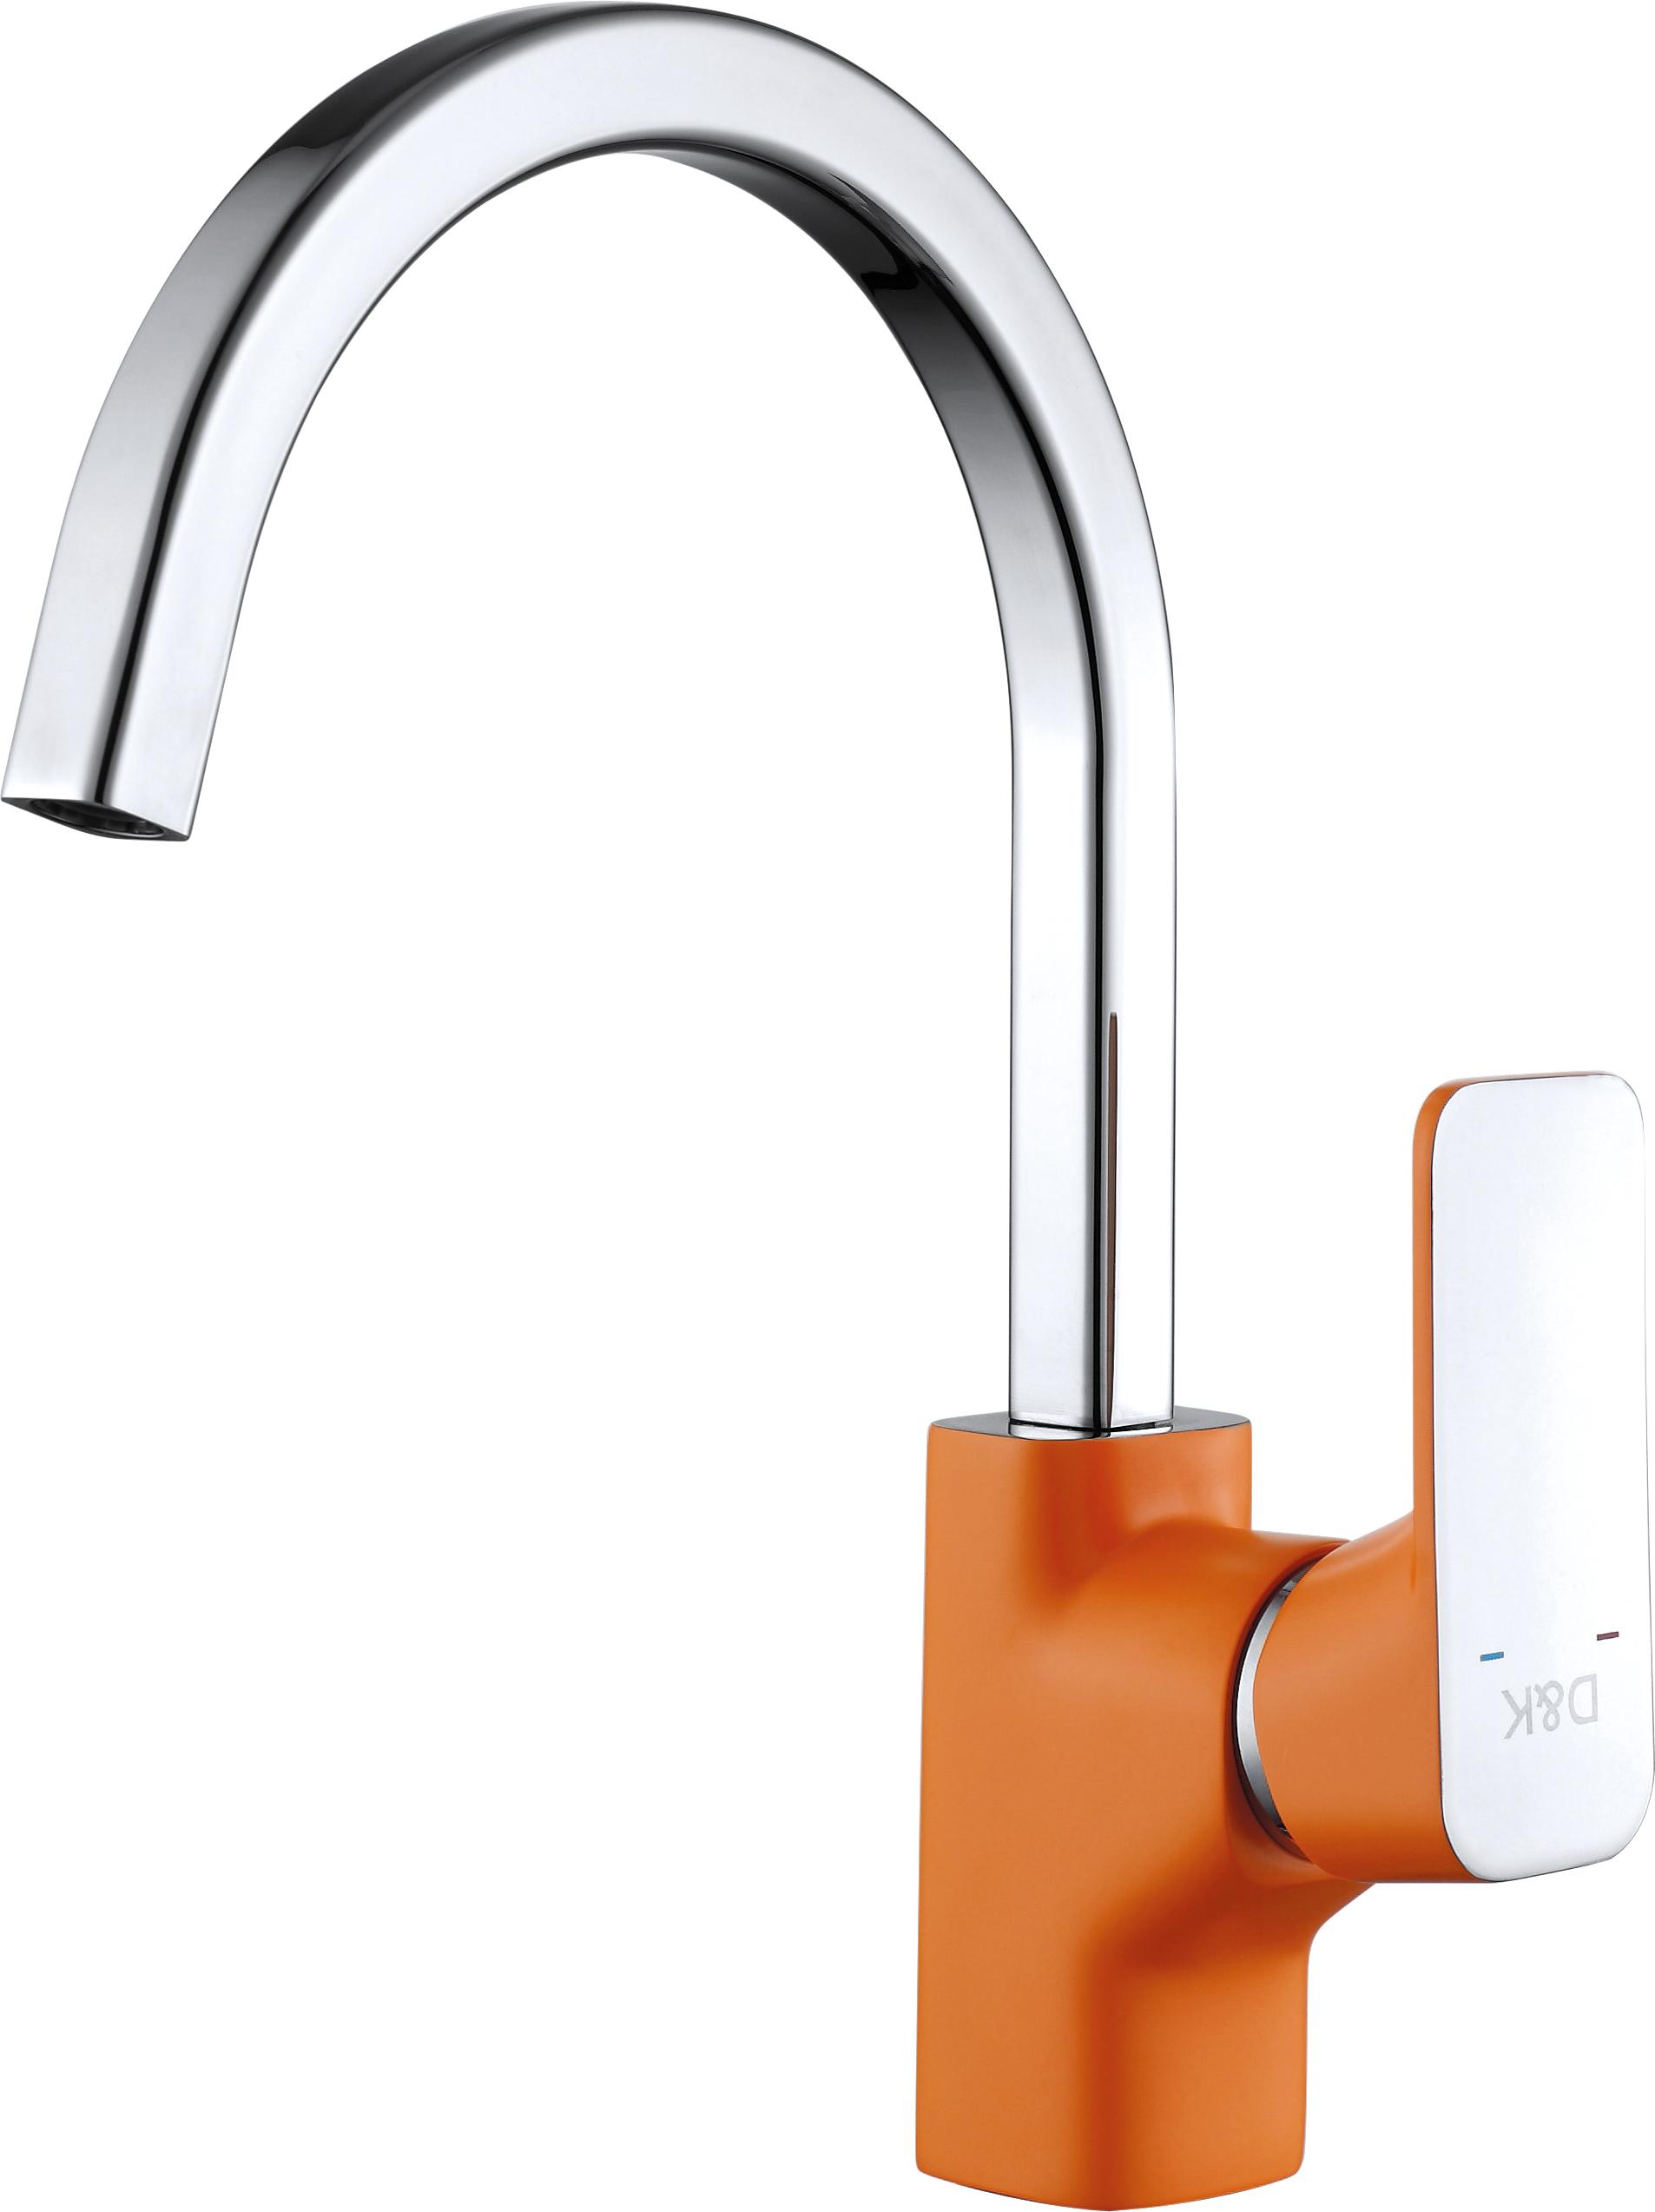 Смеситель для кухни D&K Berlin.Kunste DA1432413 высокий оранжевый-хром